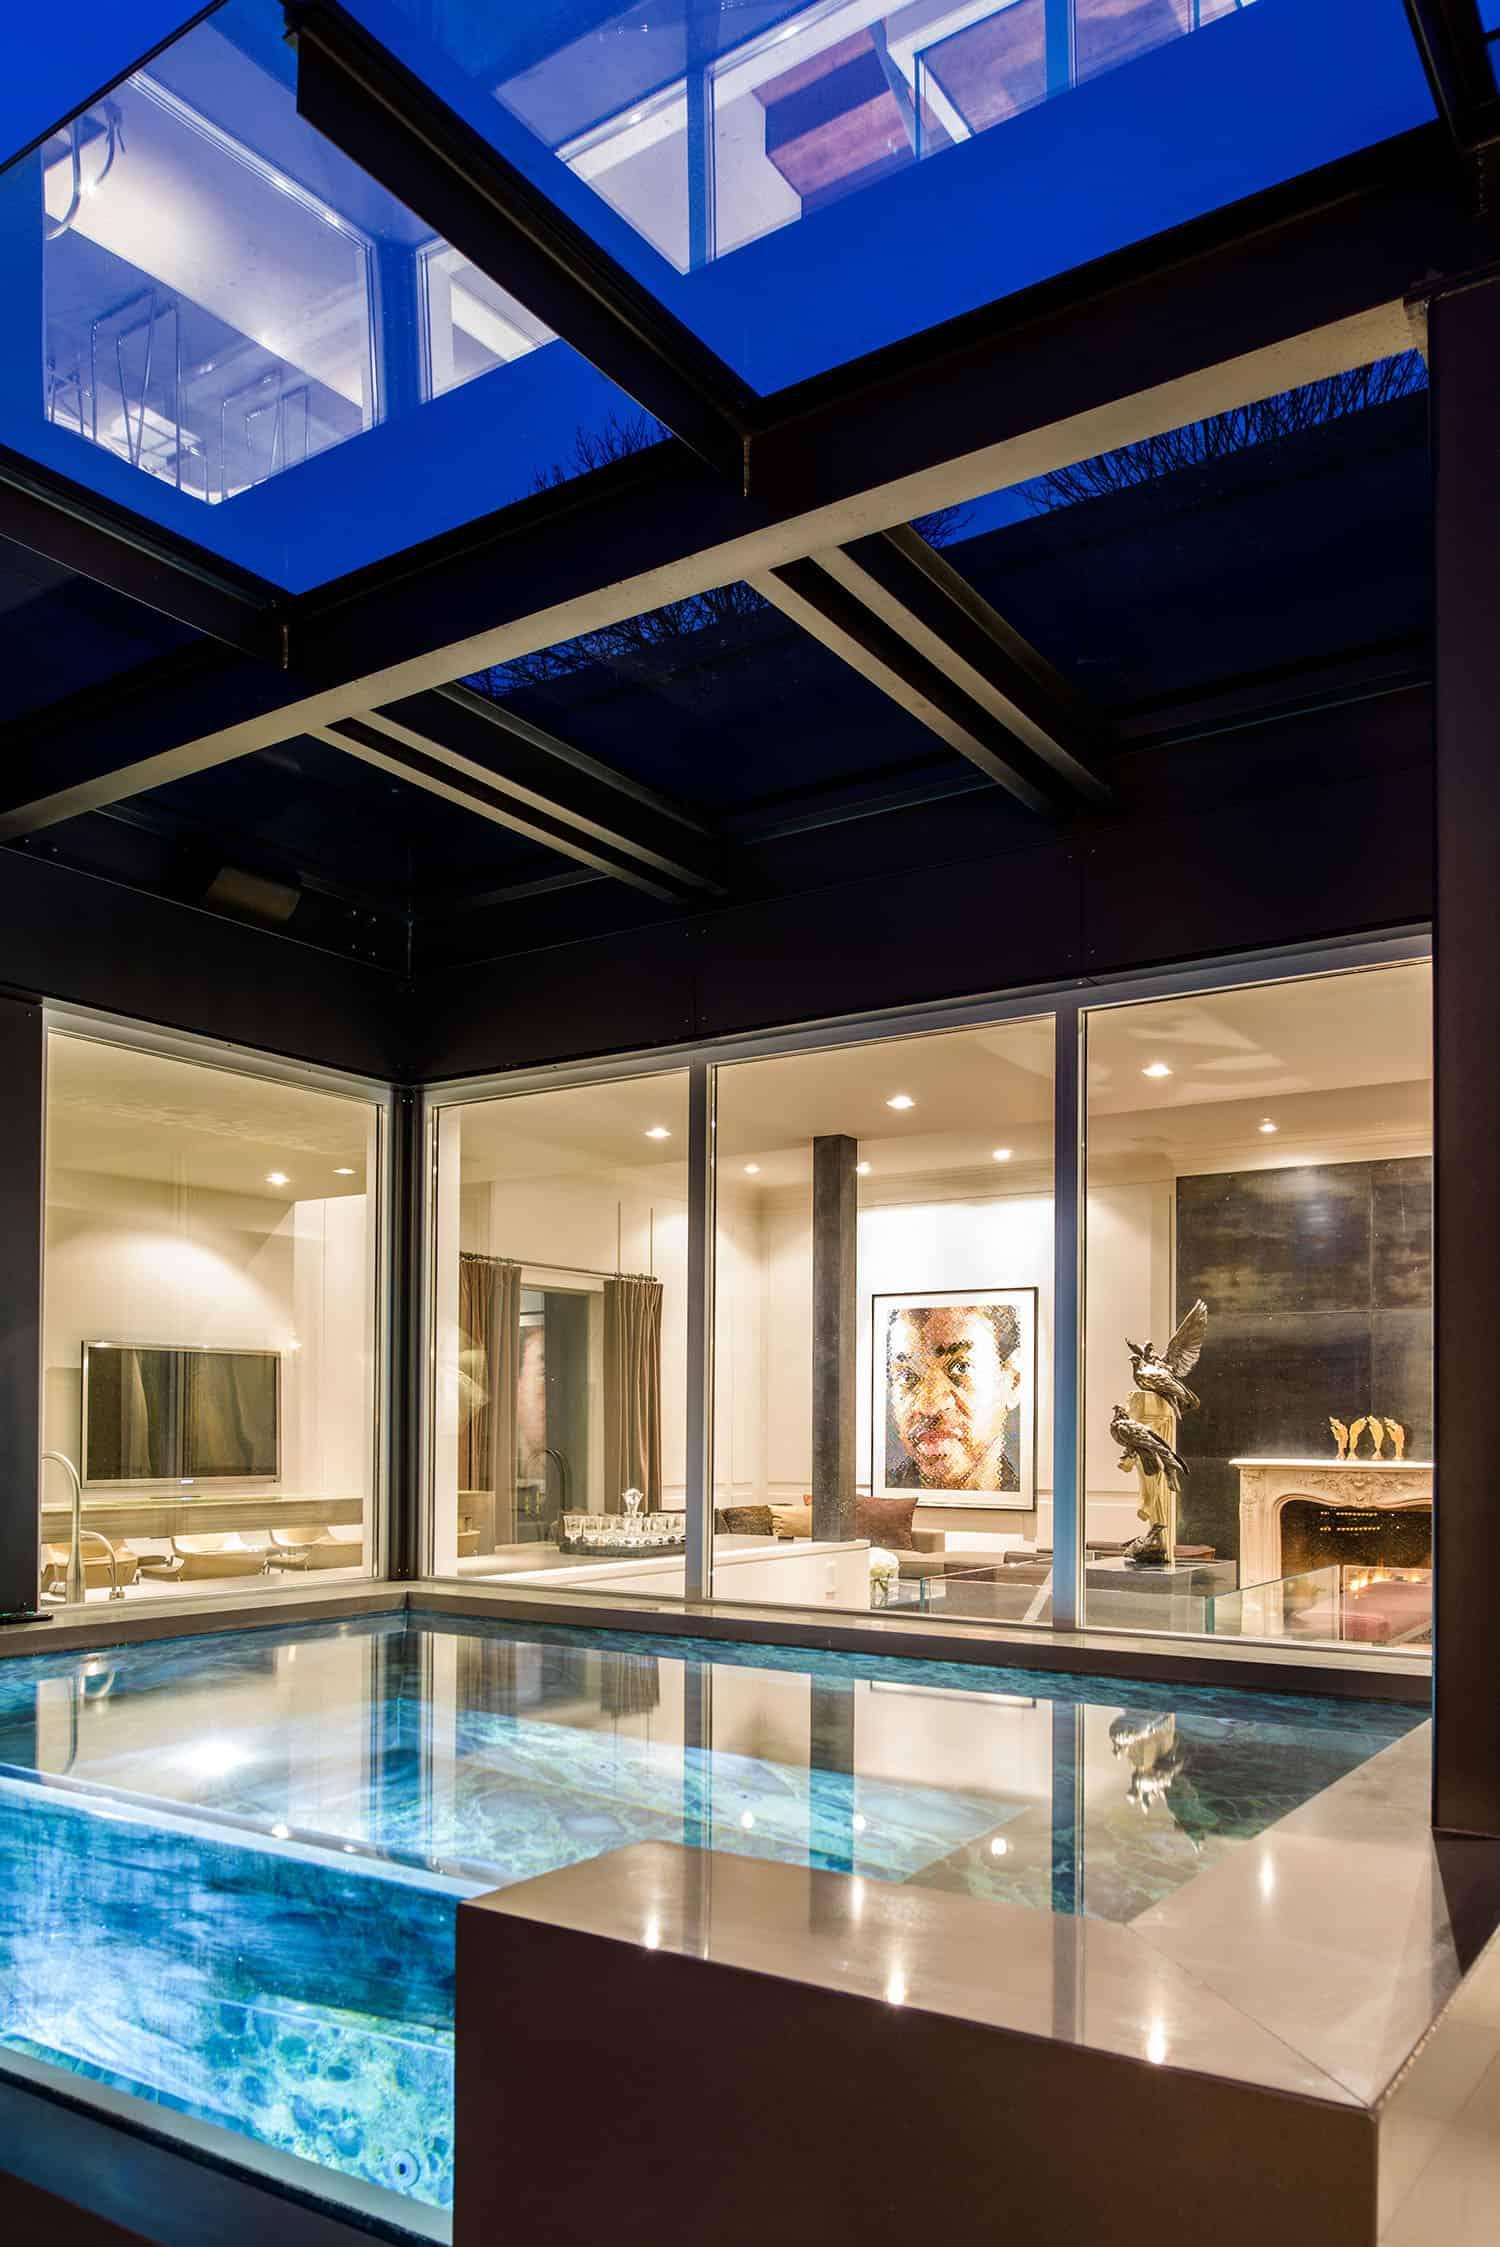 historic-italianate-residence-pool